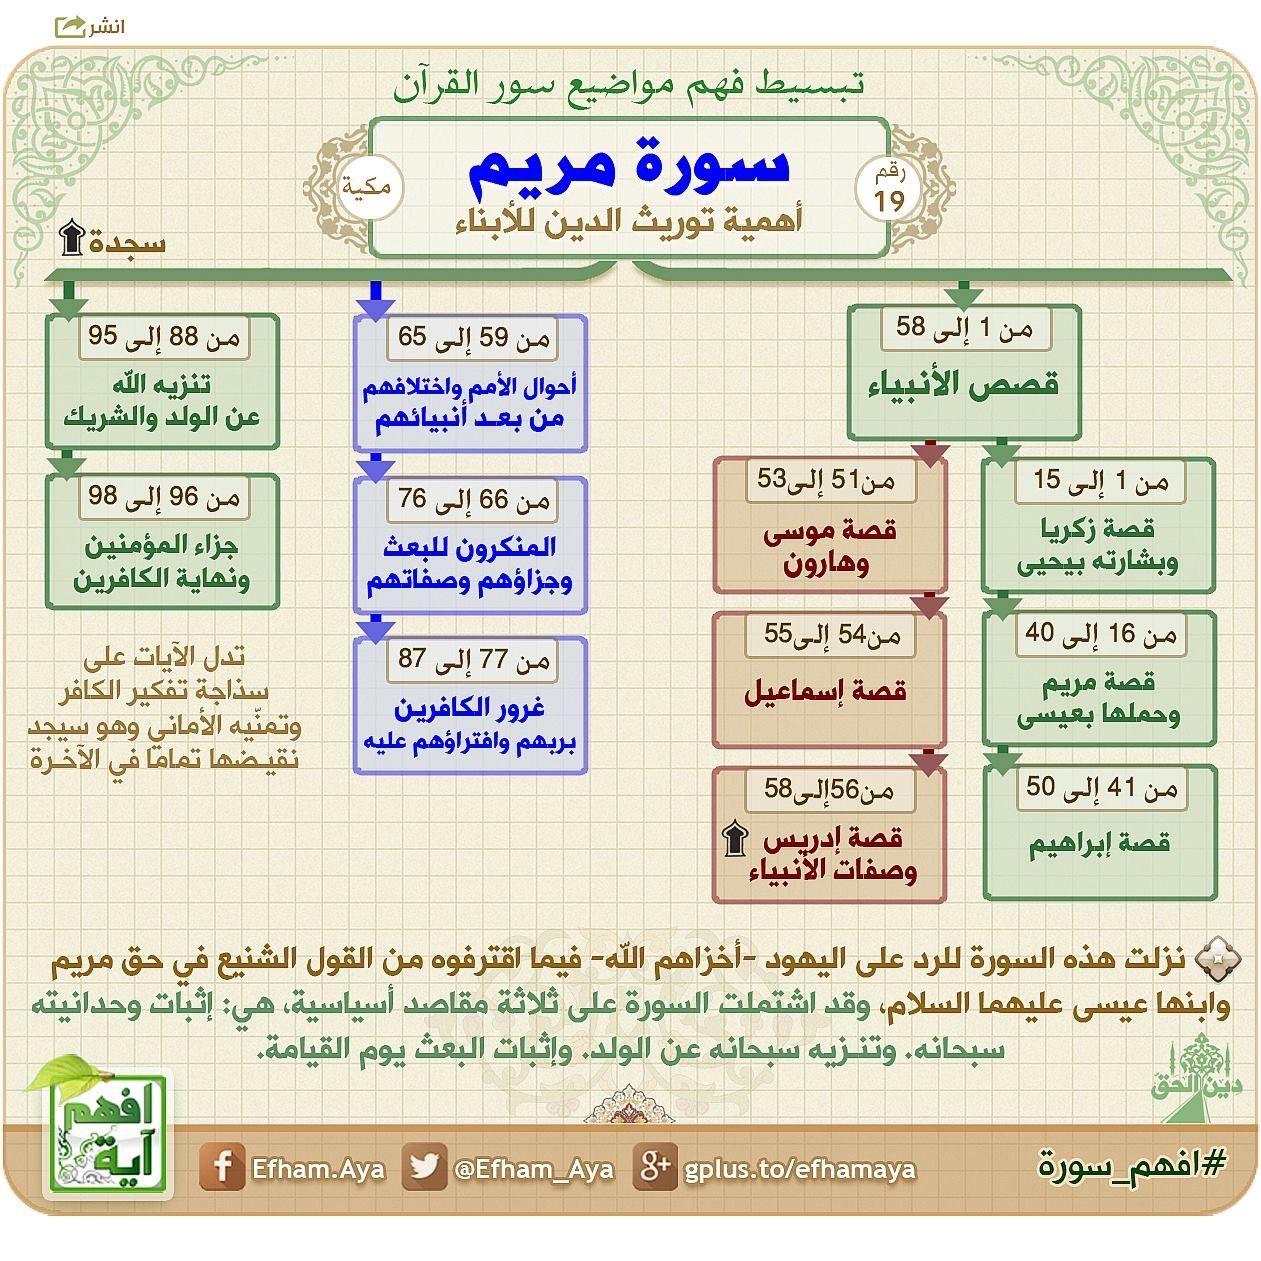 Pin By Shaukat Perwaiz Jehangiri On Quran Quran Tafseer Tajweed Quran Quran Recitation